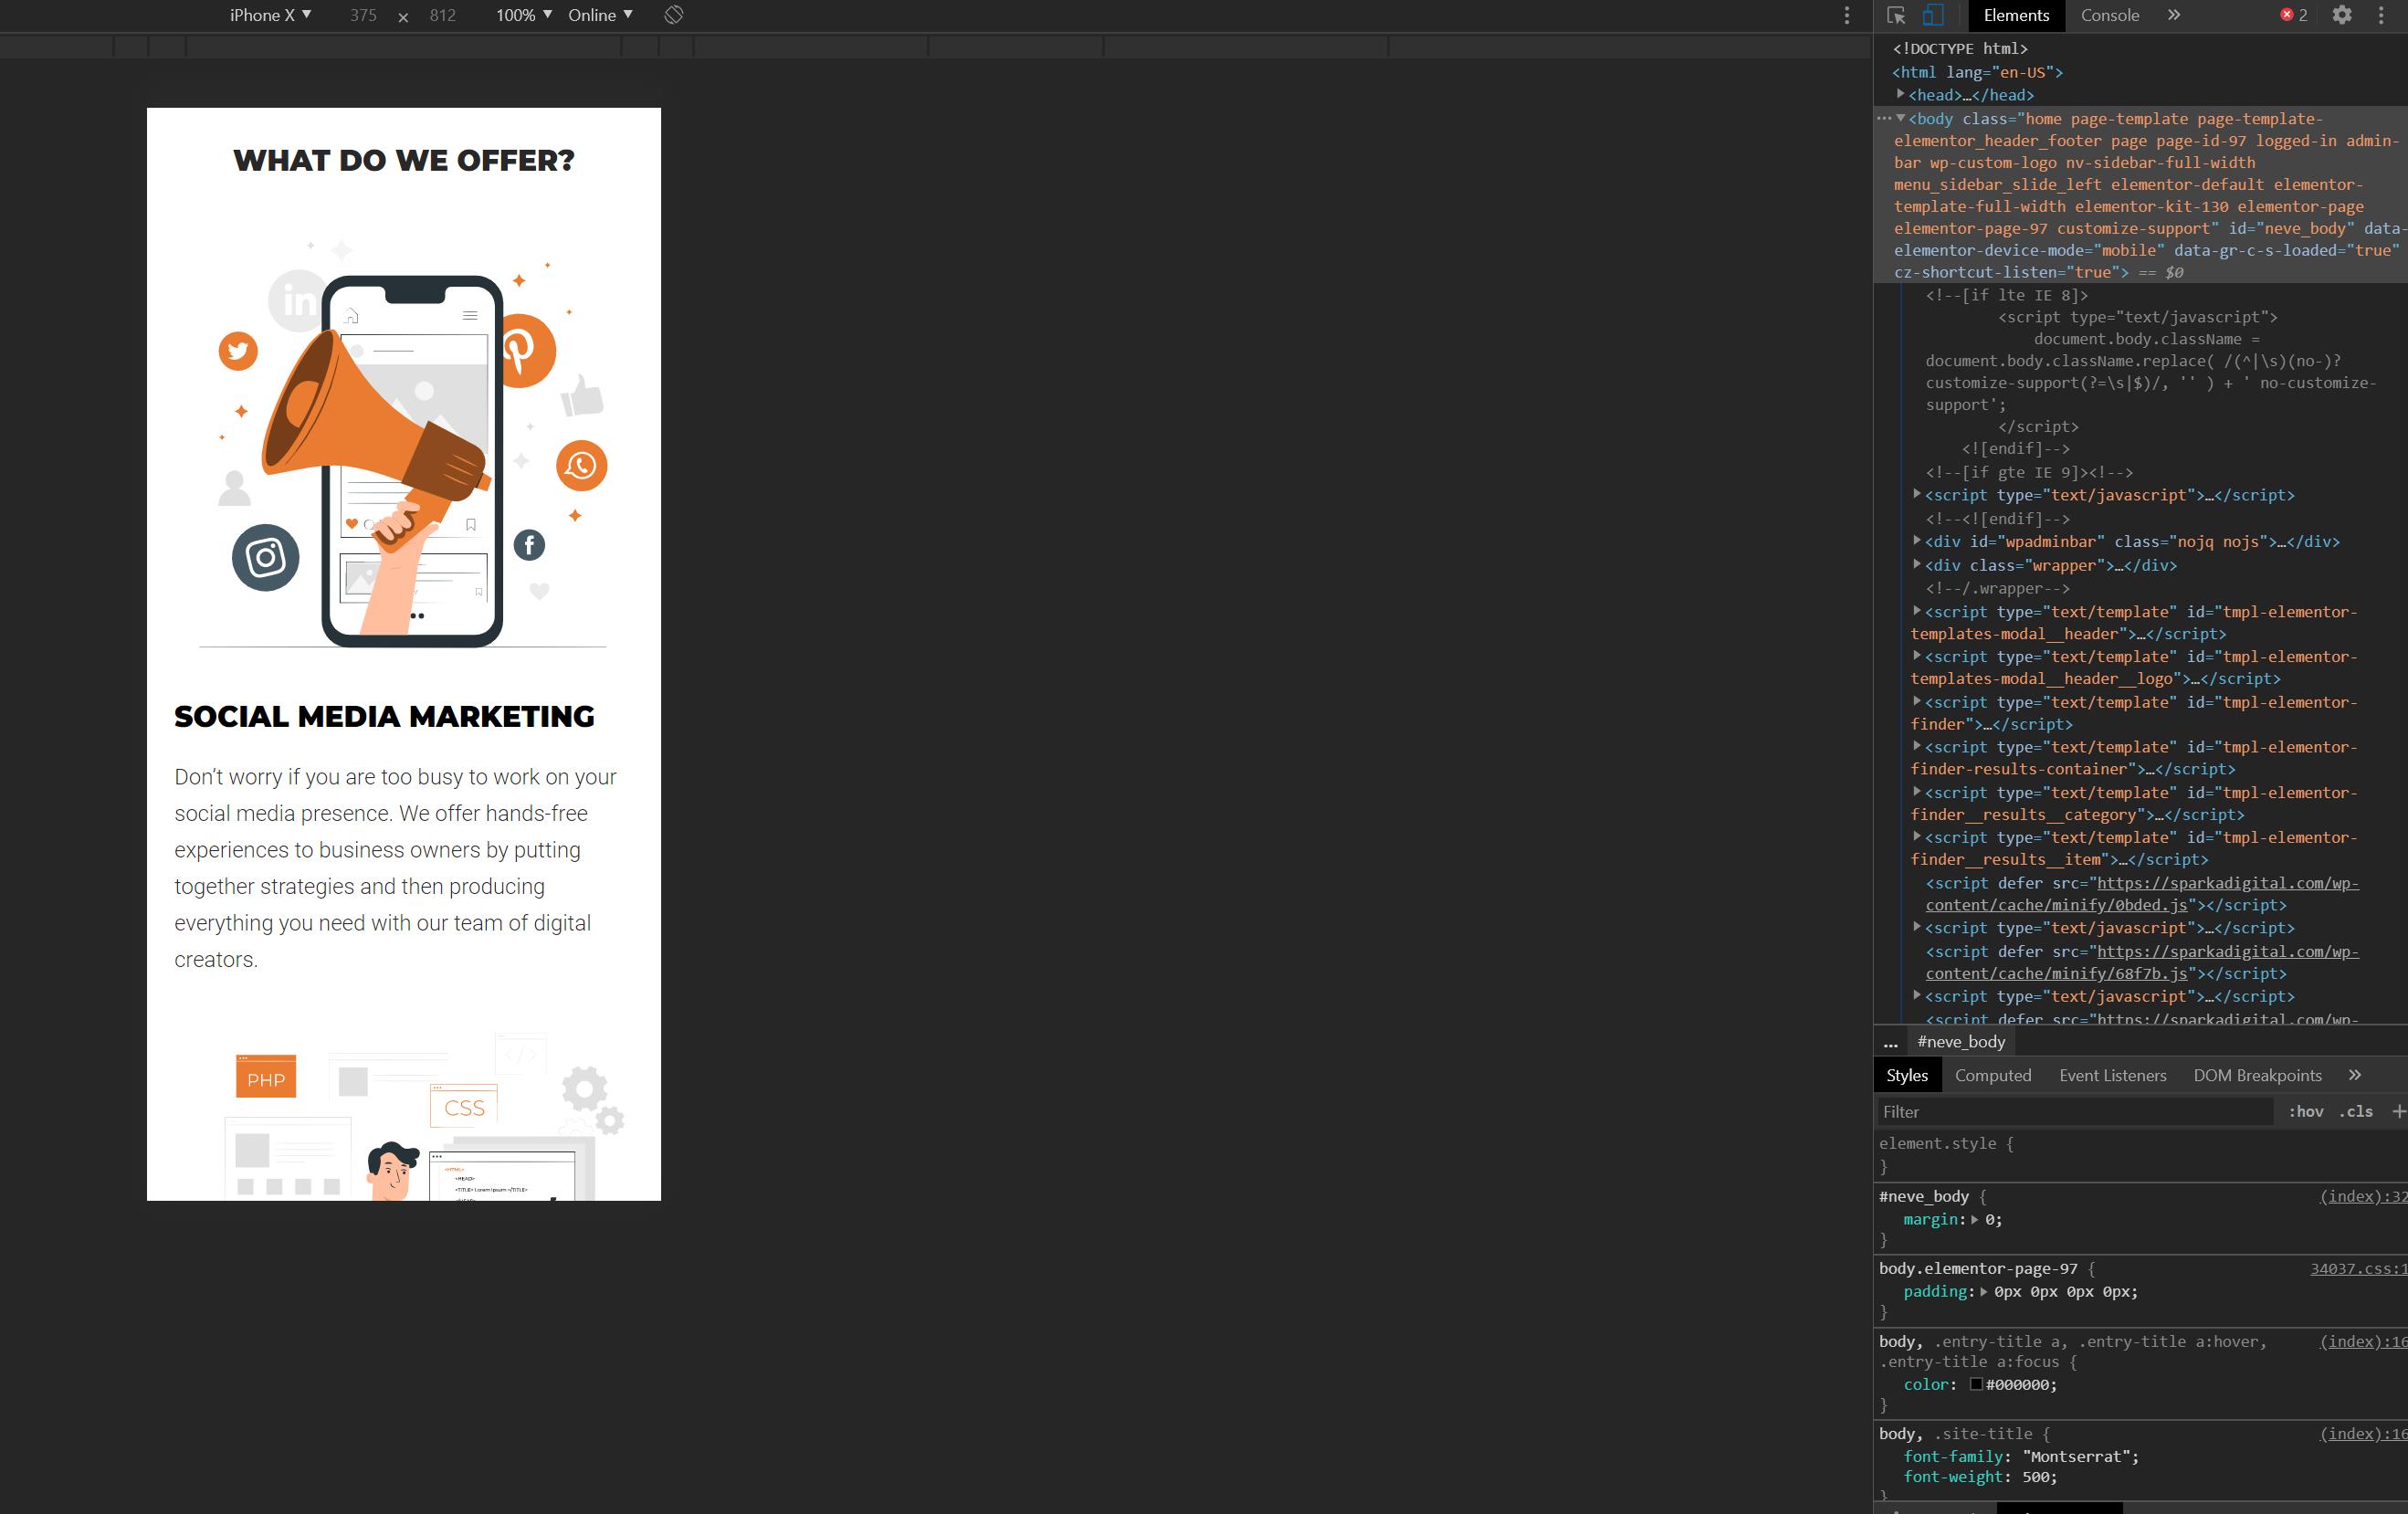 A screenshot of Google Chrome's Developer Tool preview